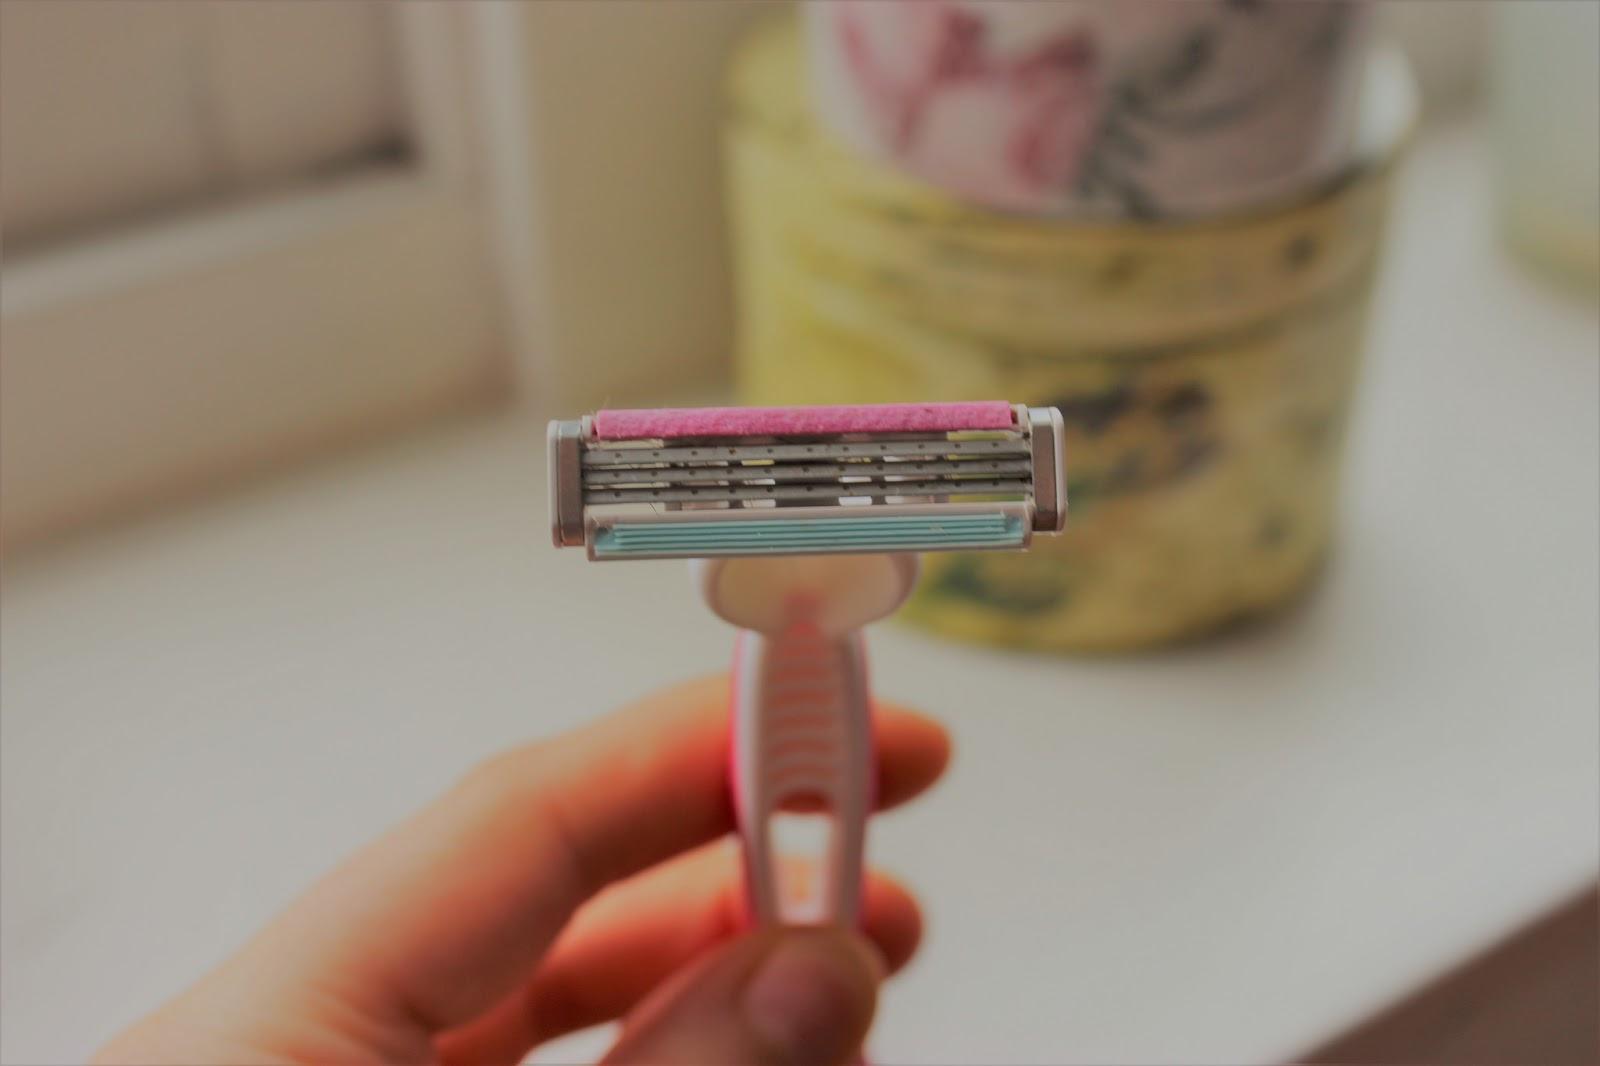 Dicas de viagem para não passar apuros - Use um grampo para proteger barbeadores